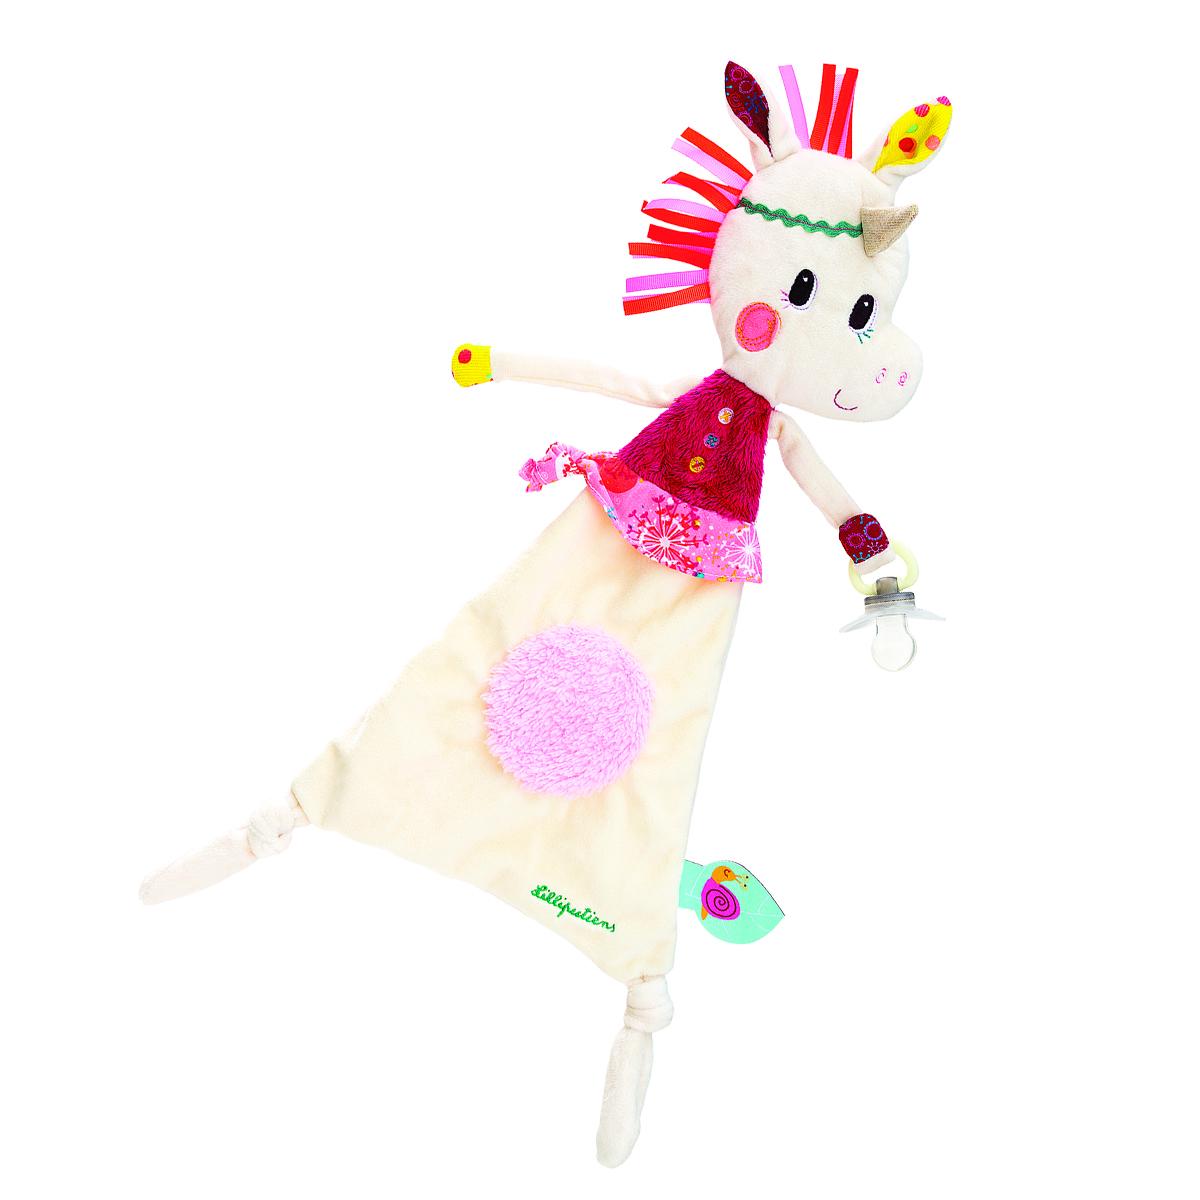 Lilliputiens Игрушка-обнимашка Единорожка Луиза с держателем для пустышки погремушки lilliputiens ручная единорожка луиза